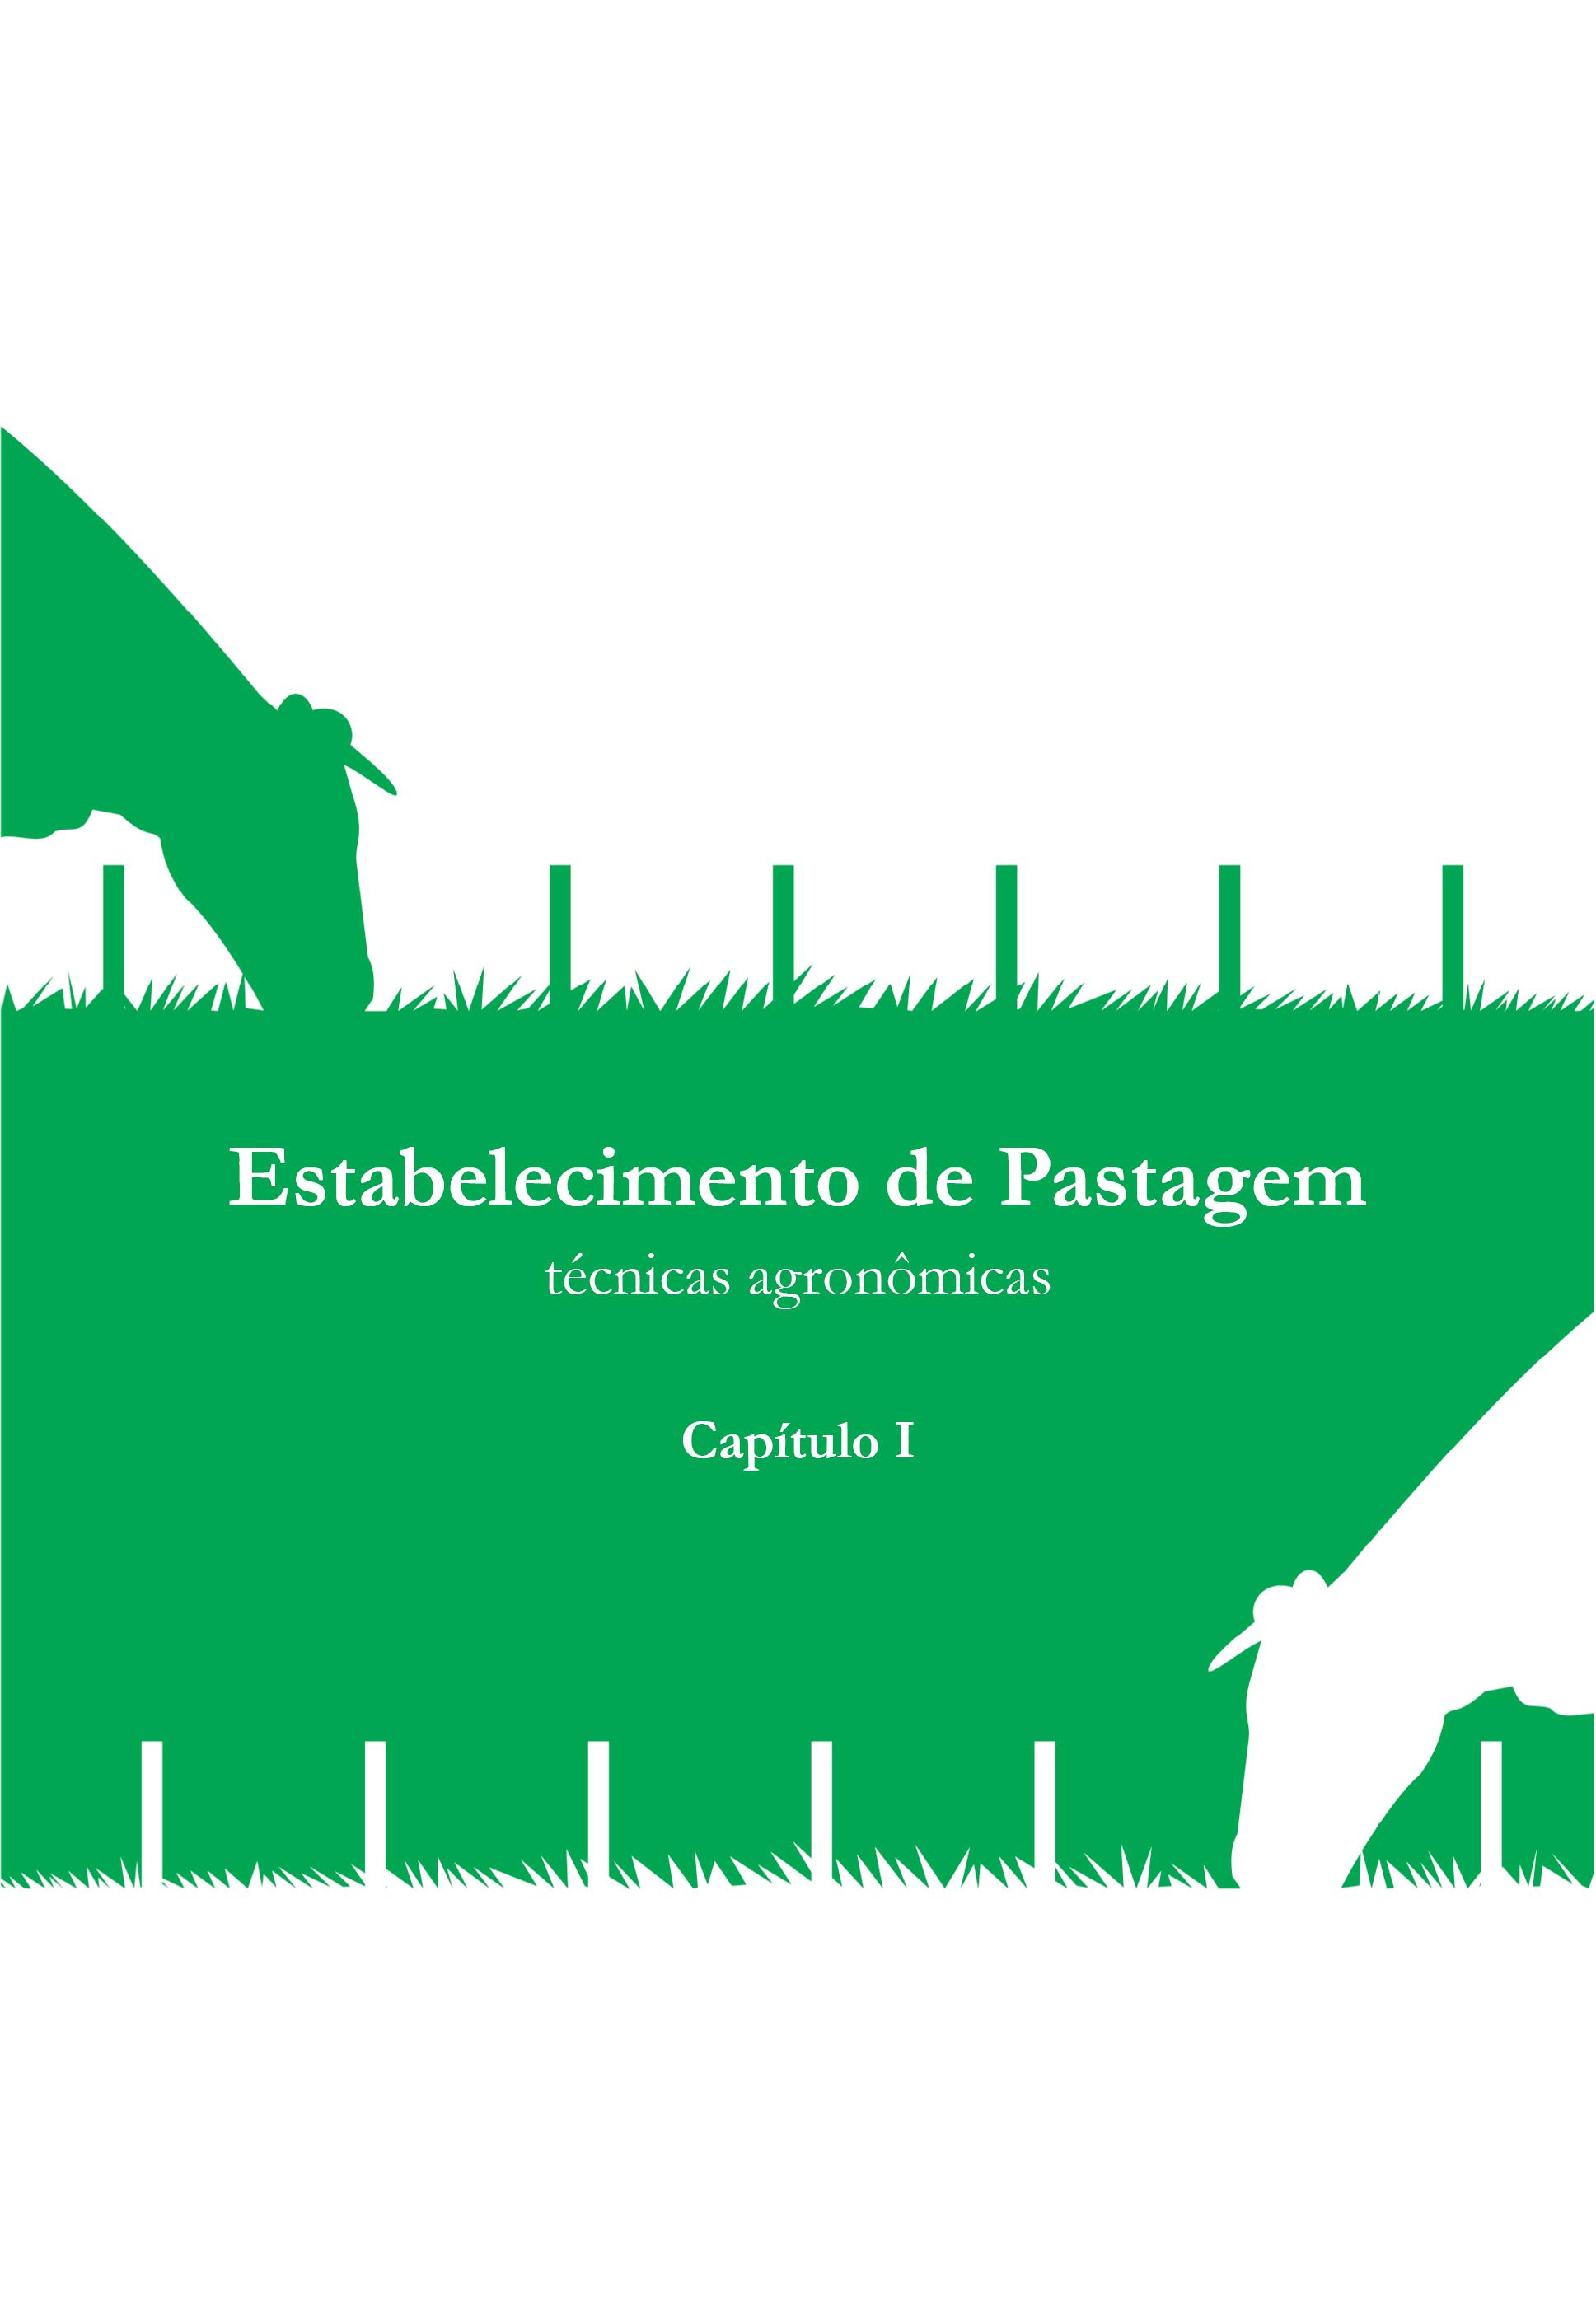 Pastagem - Seleção de Plantas Forrageiras, Implantação e Adubação